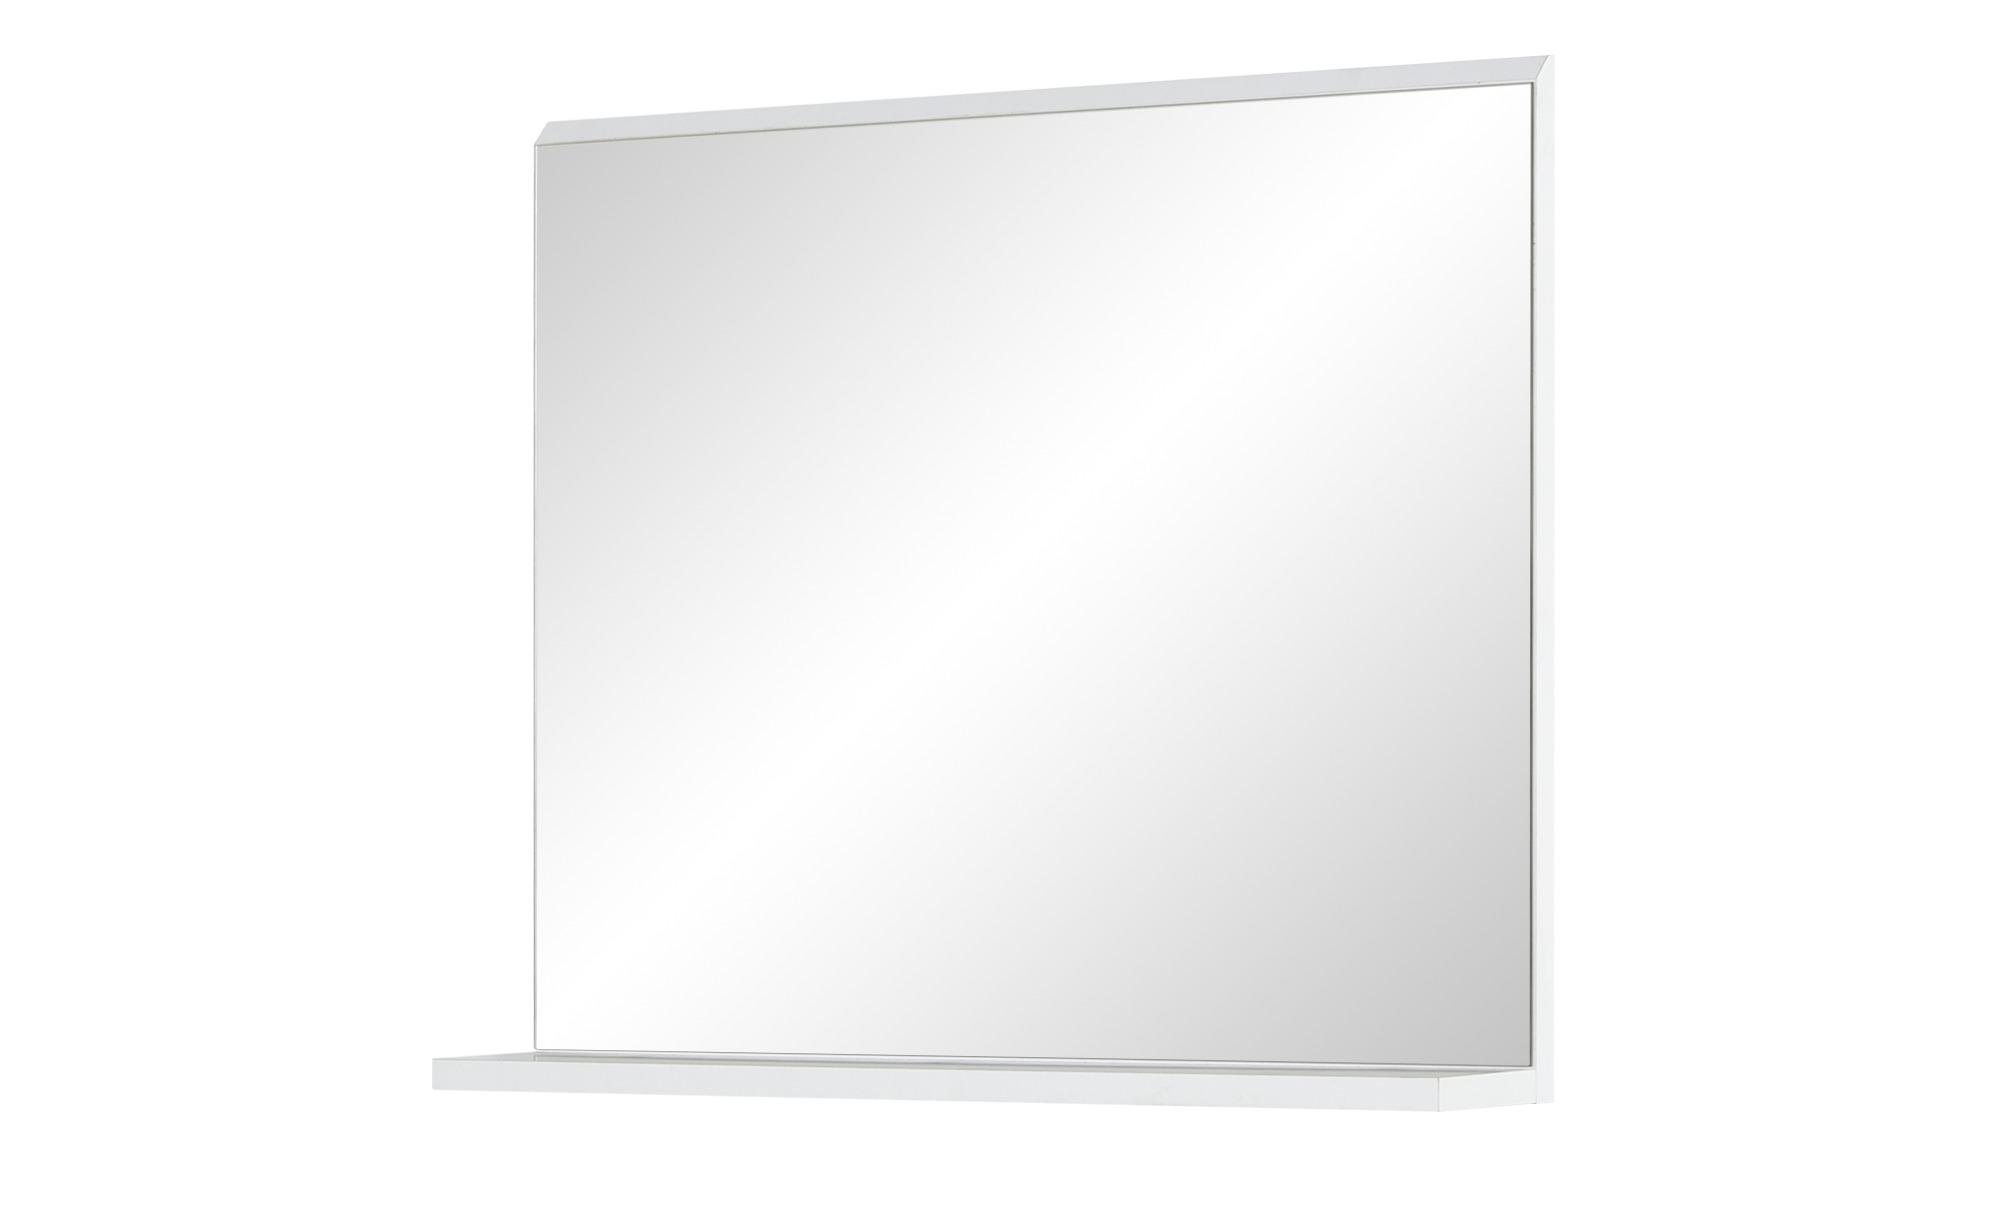 uno Bad-Wandspiegel  Melzer See ¦ weiß ¦ Maße (cm): B: 60 H: 50 T: 10 Dekoration > Spiegel - Höffner   Bad > Spiegel fürs Bad > Badspiegel   Weiß   Glas - Holzwerkstoff   Möbel Höffner DE